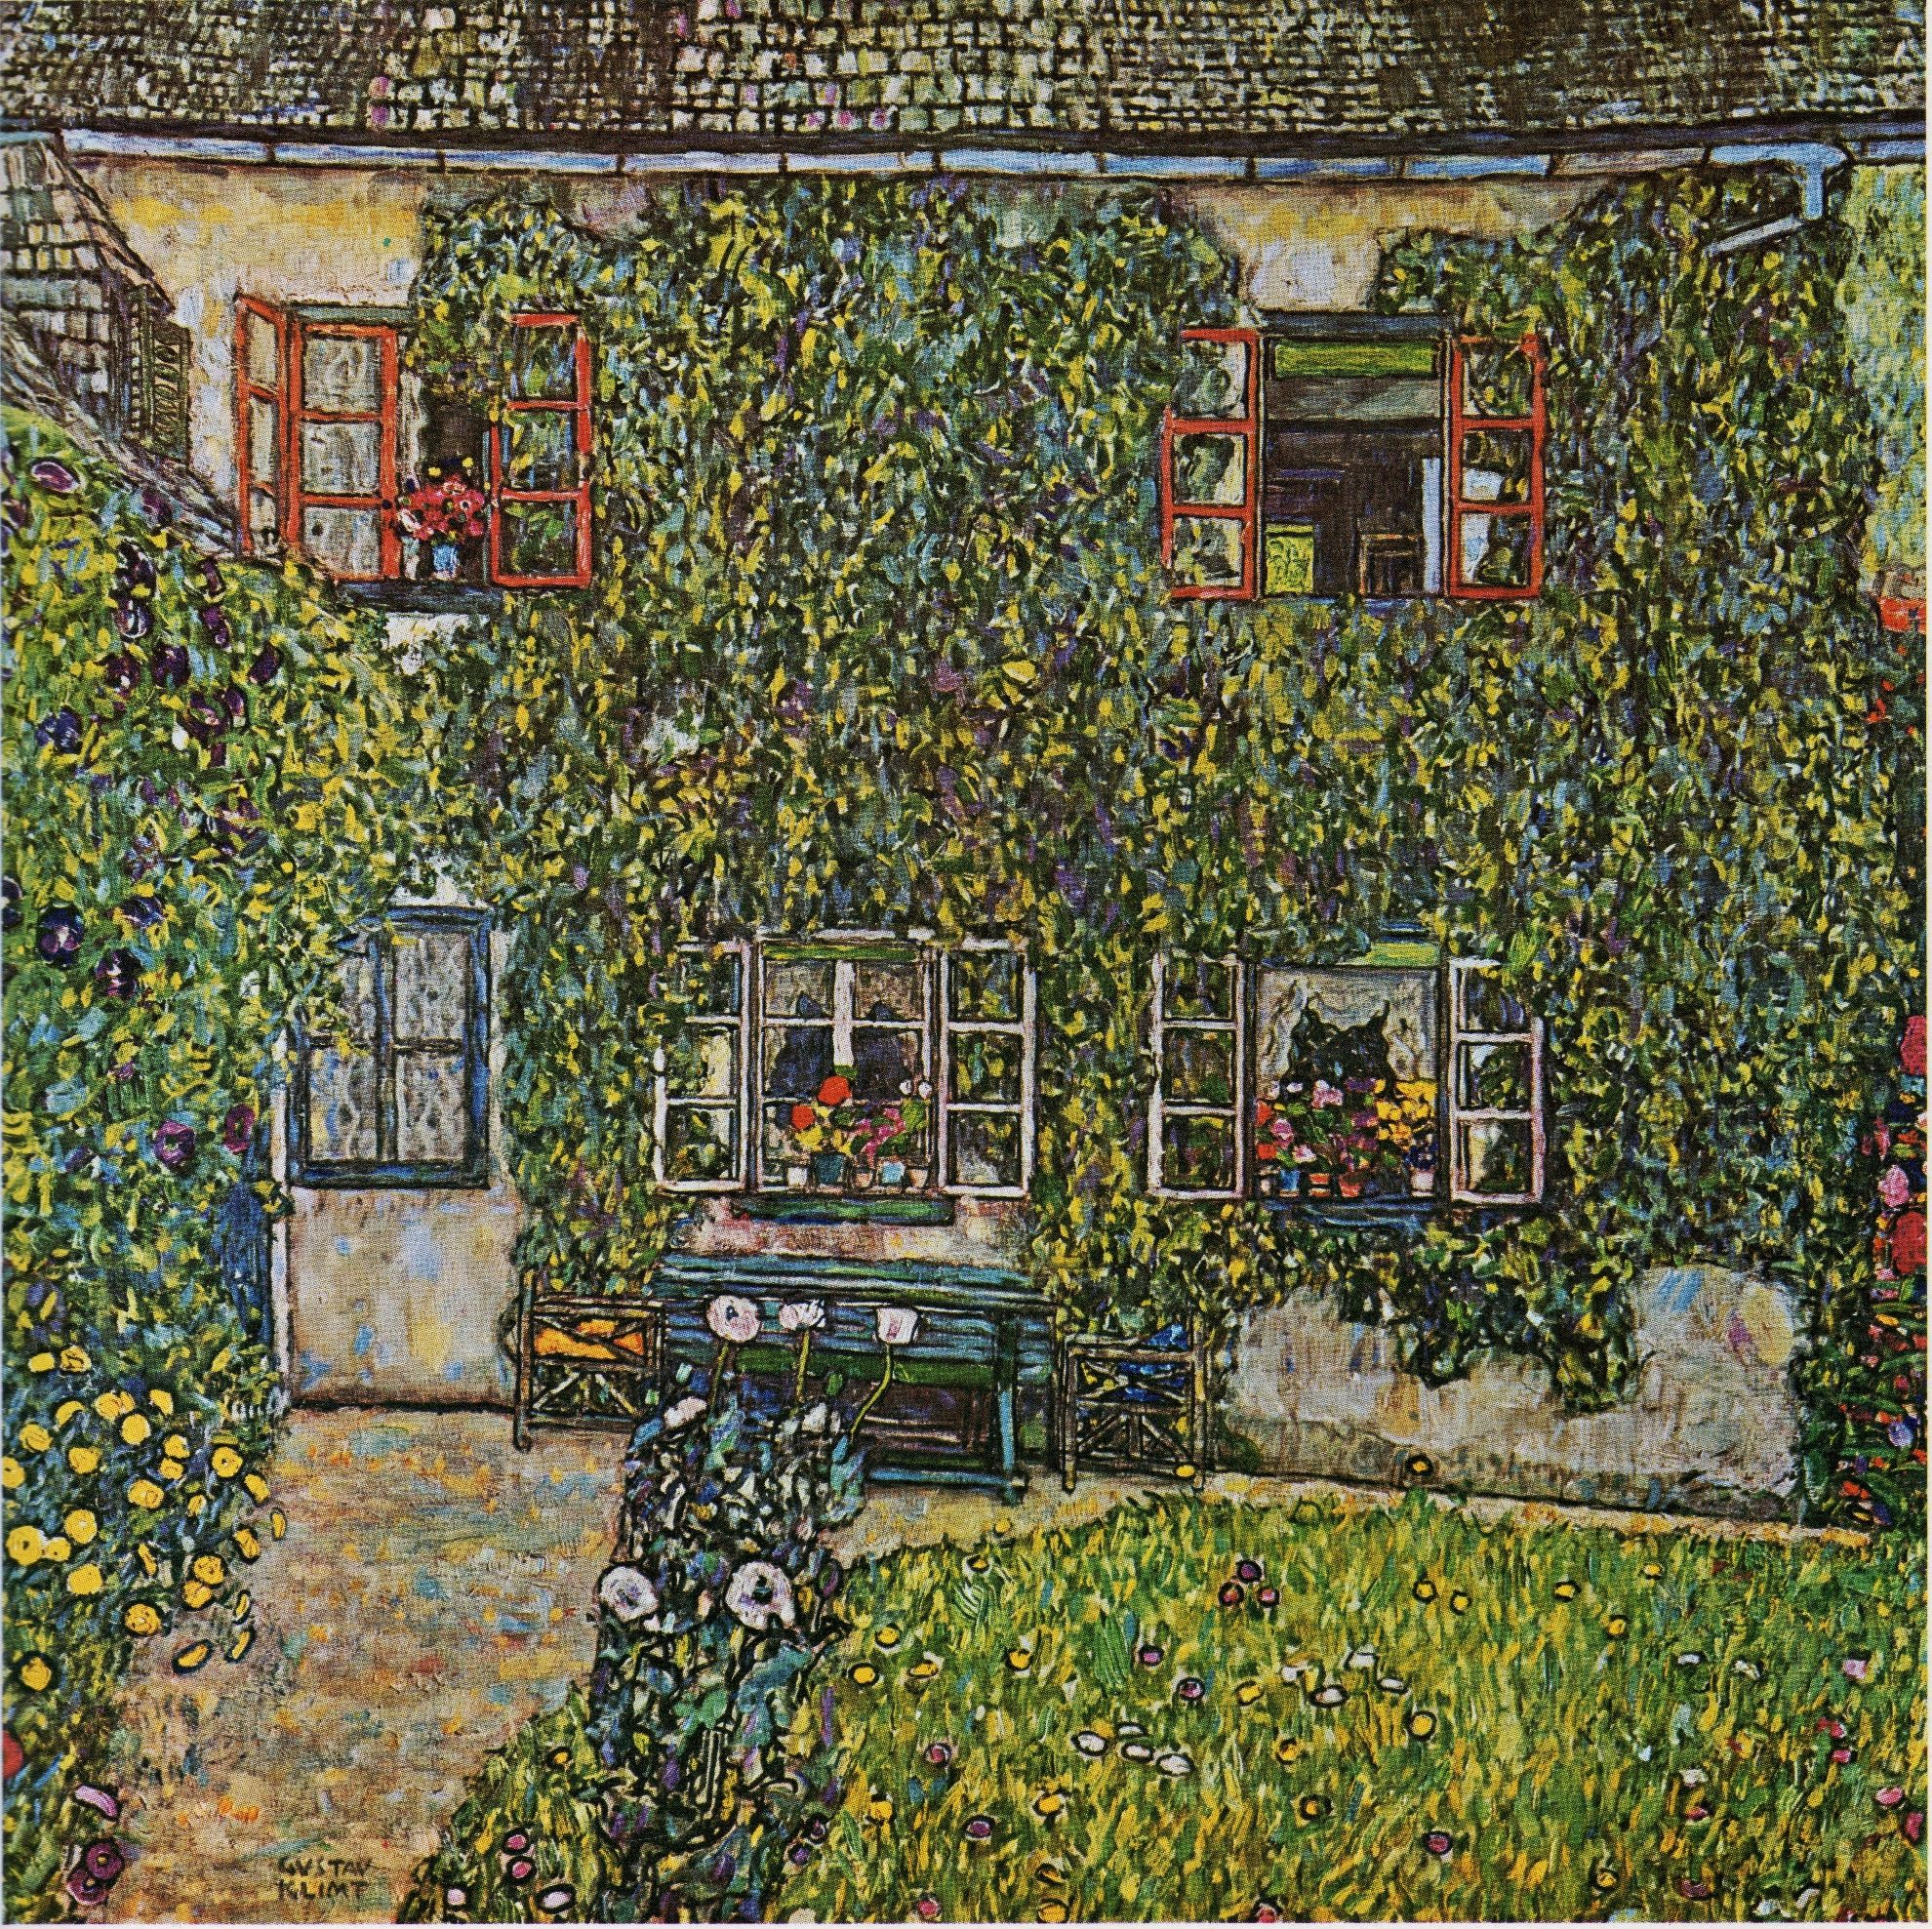 """Gustav Klimt : """"La casa del guardabosques"""". Öleo sobre lienzo, 110 x110. Colección privada EEUU"""